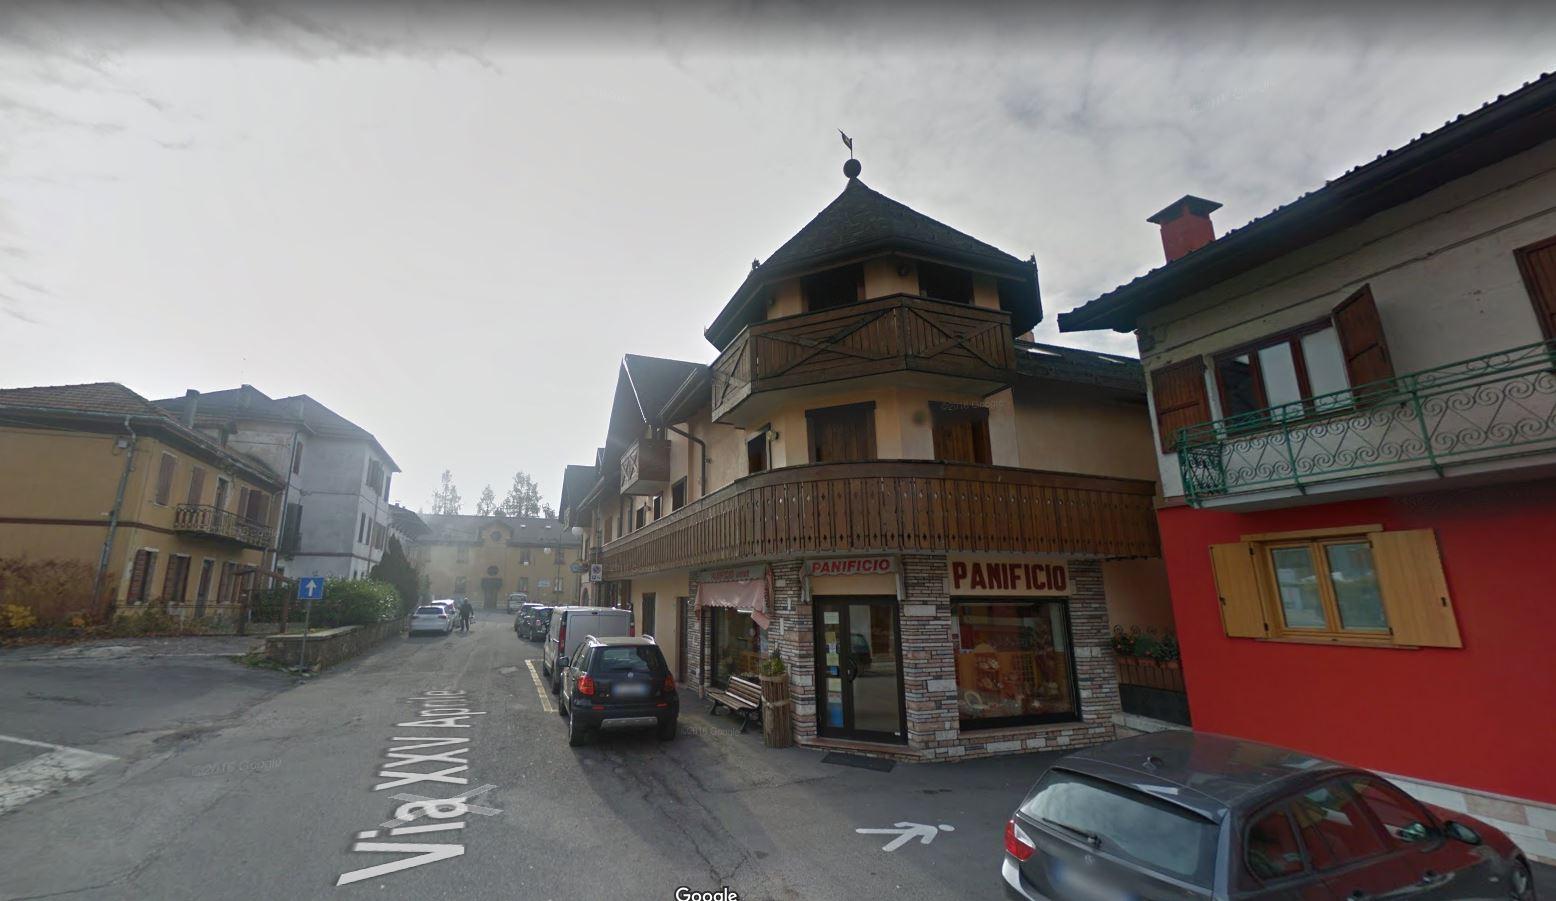 Casa roana appartamenti e case in vendita a roana for Appartamenti in vendita canove di roana